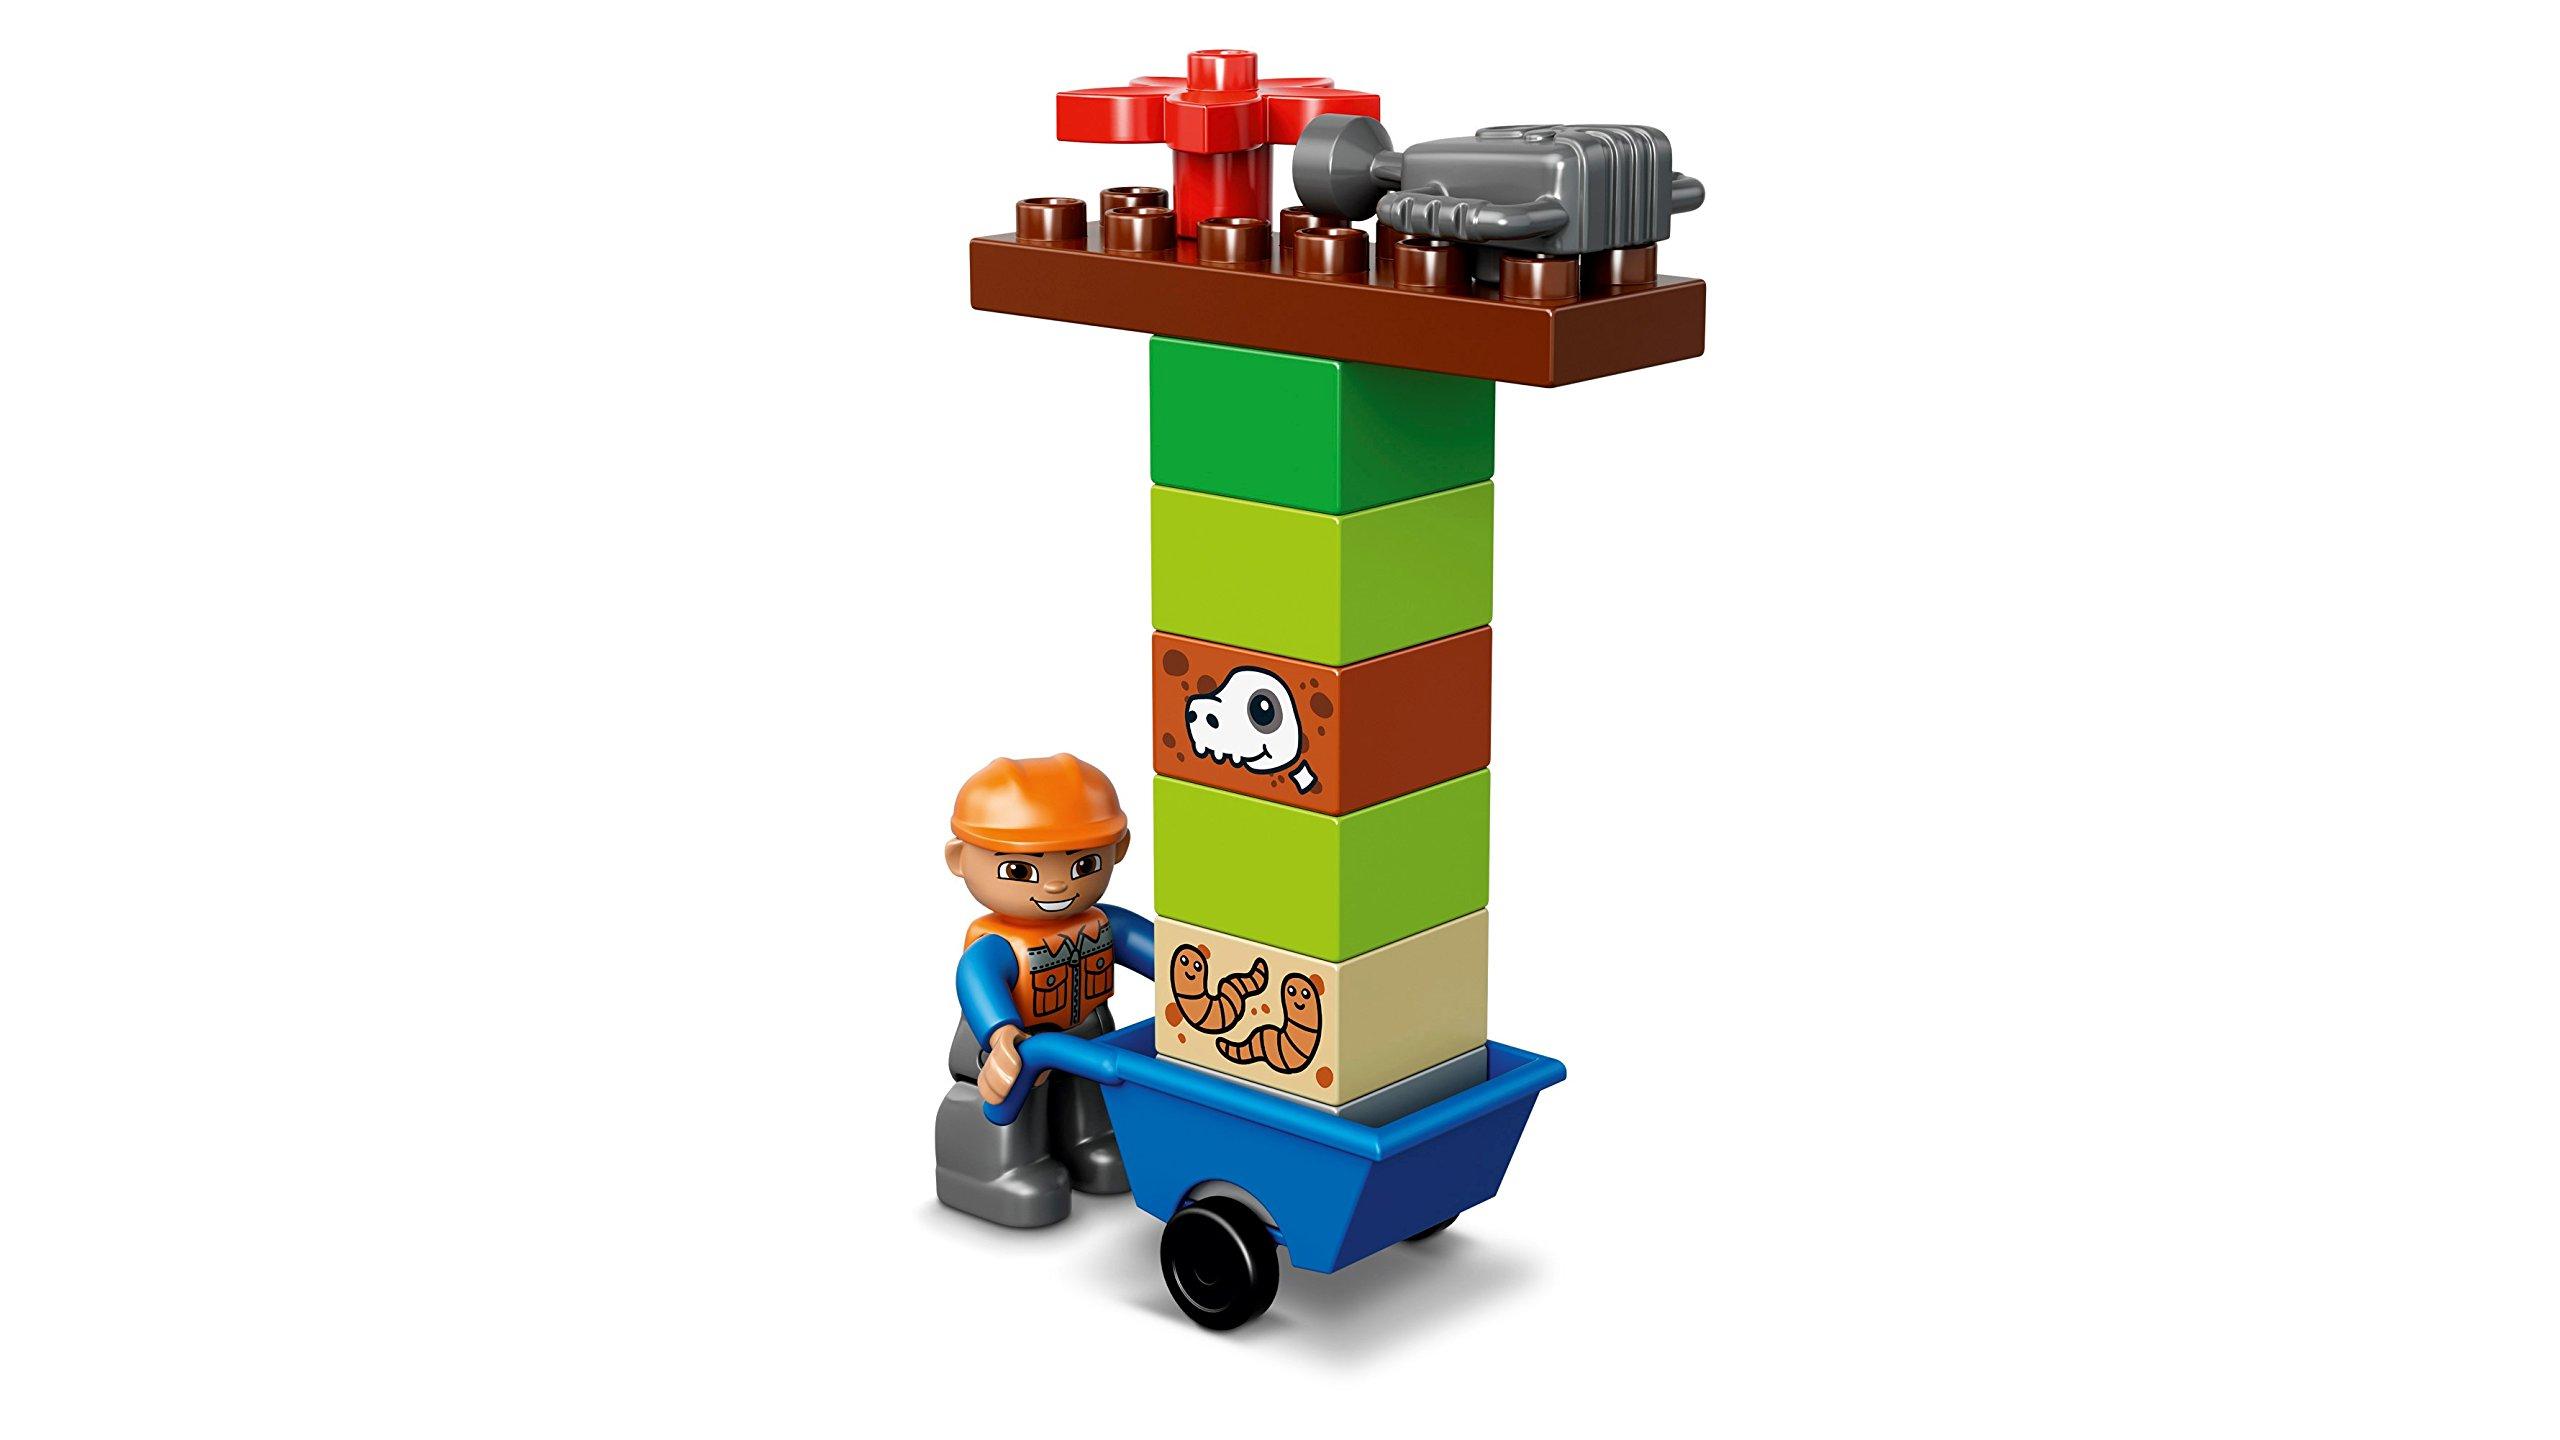 LEGO Duplo Camion e Scavatrice Cingolata con Due Personaggi, Set di Costruzioni per Bambini da 2-5 Anni, Multicolore… 5 spesavip